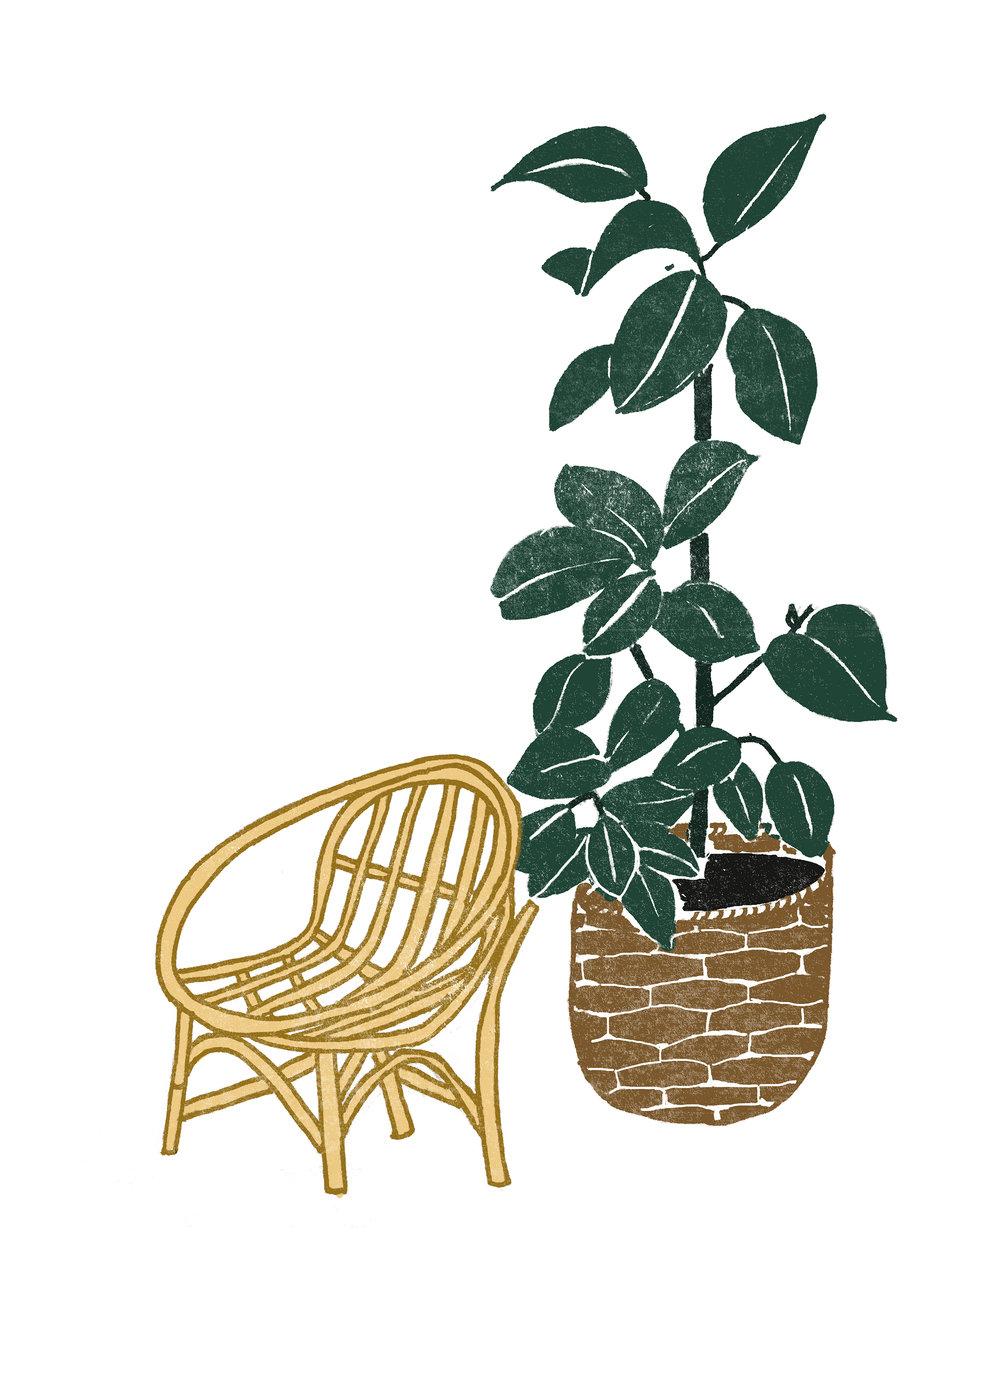 Nap chair.jpg